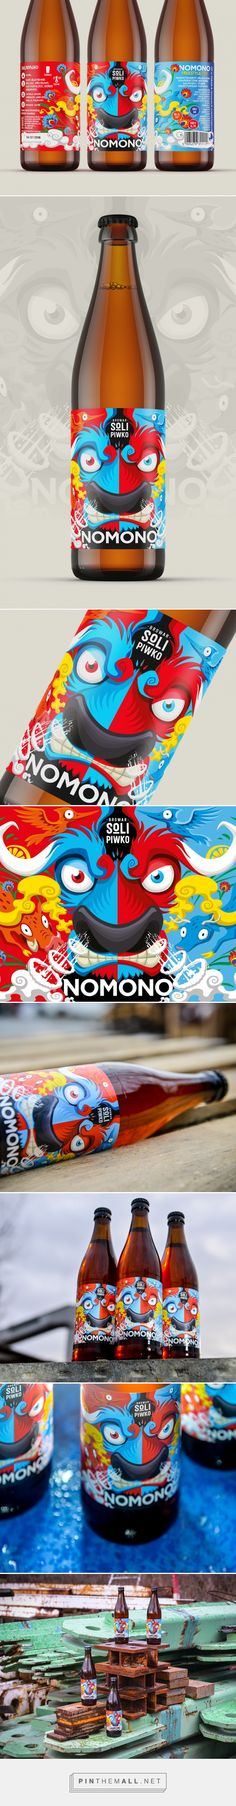 NOMONO Freestyle Polish IPA label (Poland) - http://www.packagingoftheworld.com/2016/02/nomono-freestyle-polish-ipa.html